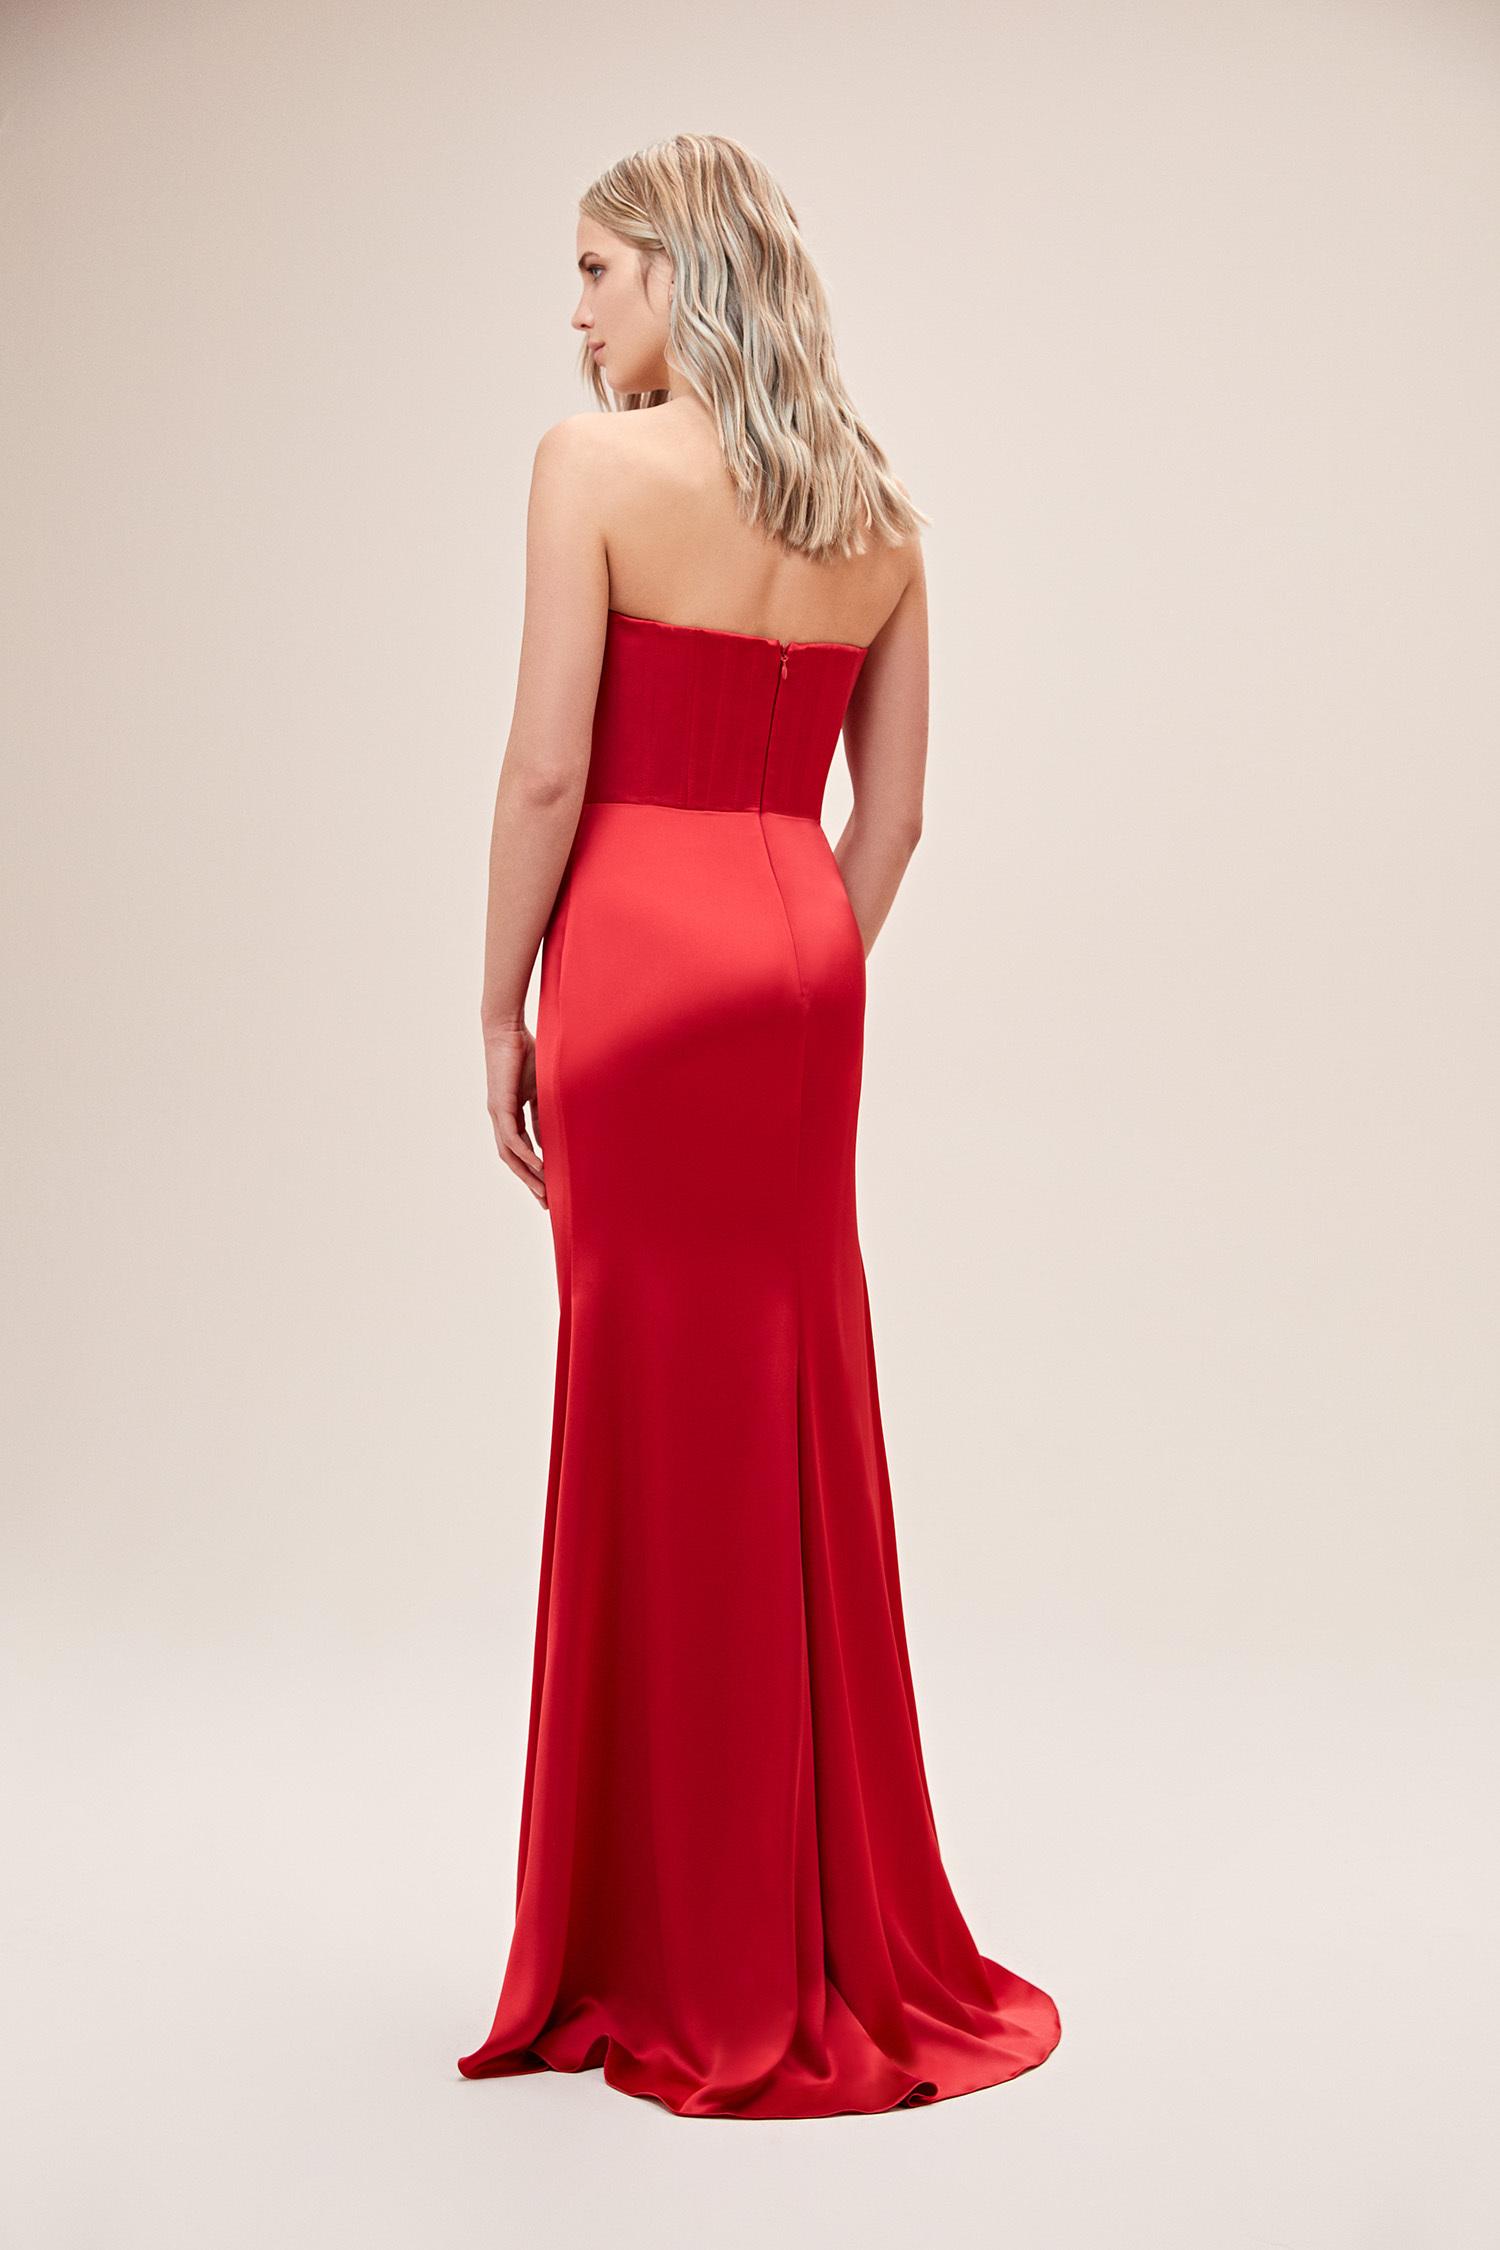 Kırmızı Straplez Drapeli Saten Uzun Abiye Elbise - Thumbnail